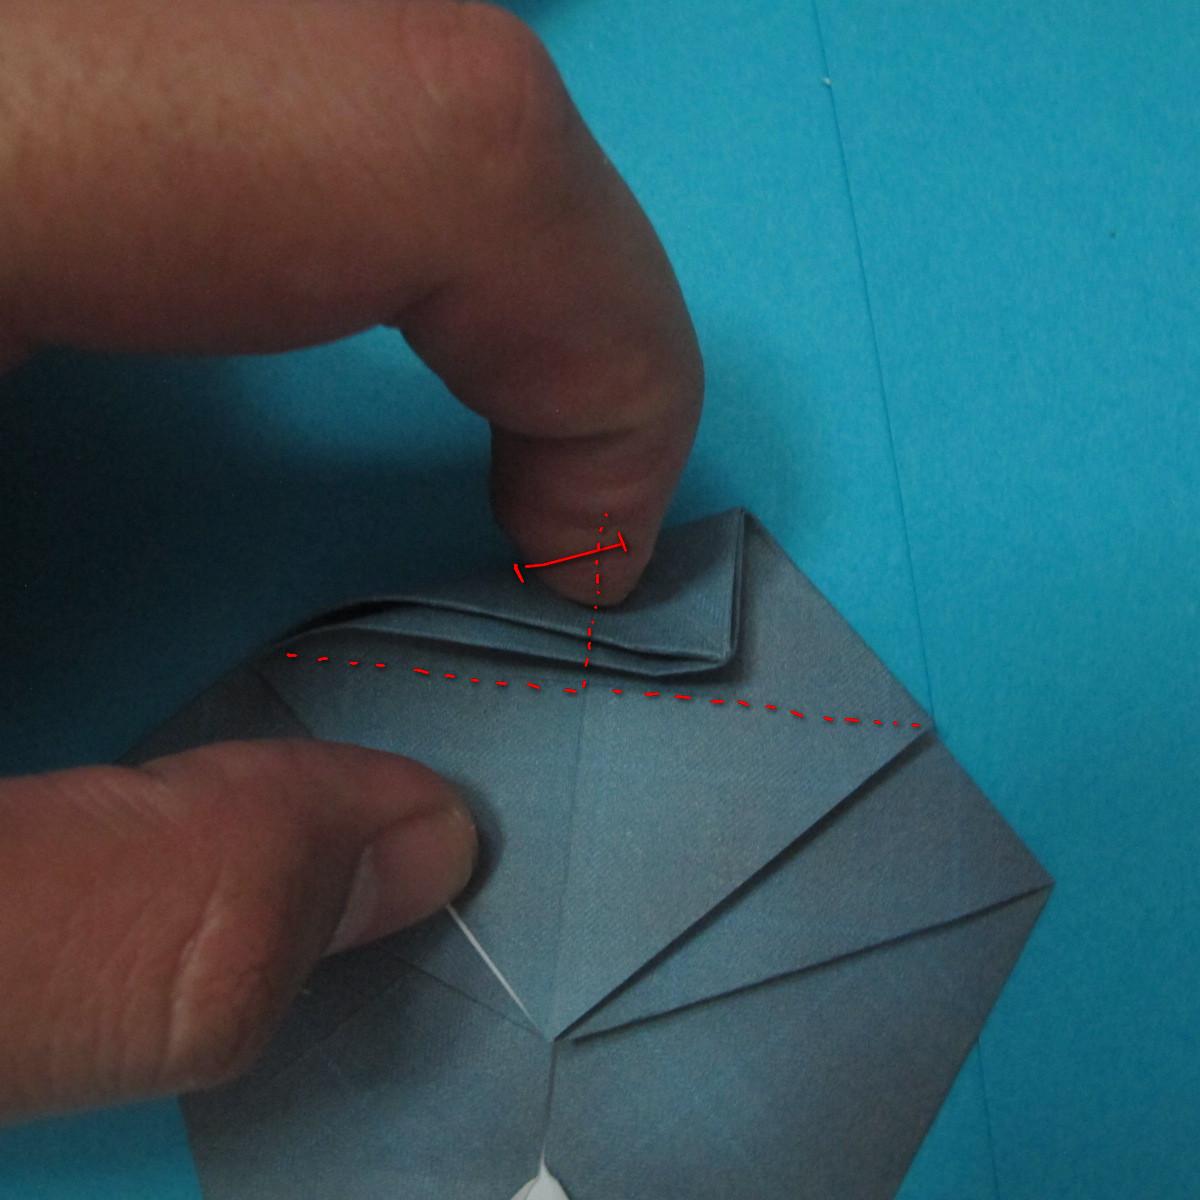 วิธีการพับกระดาษเป็นรูปนกเค้าแมว 016